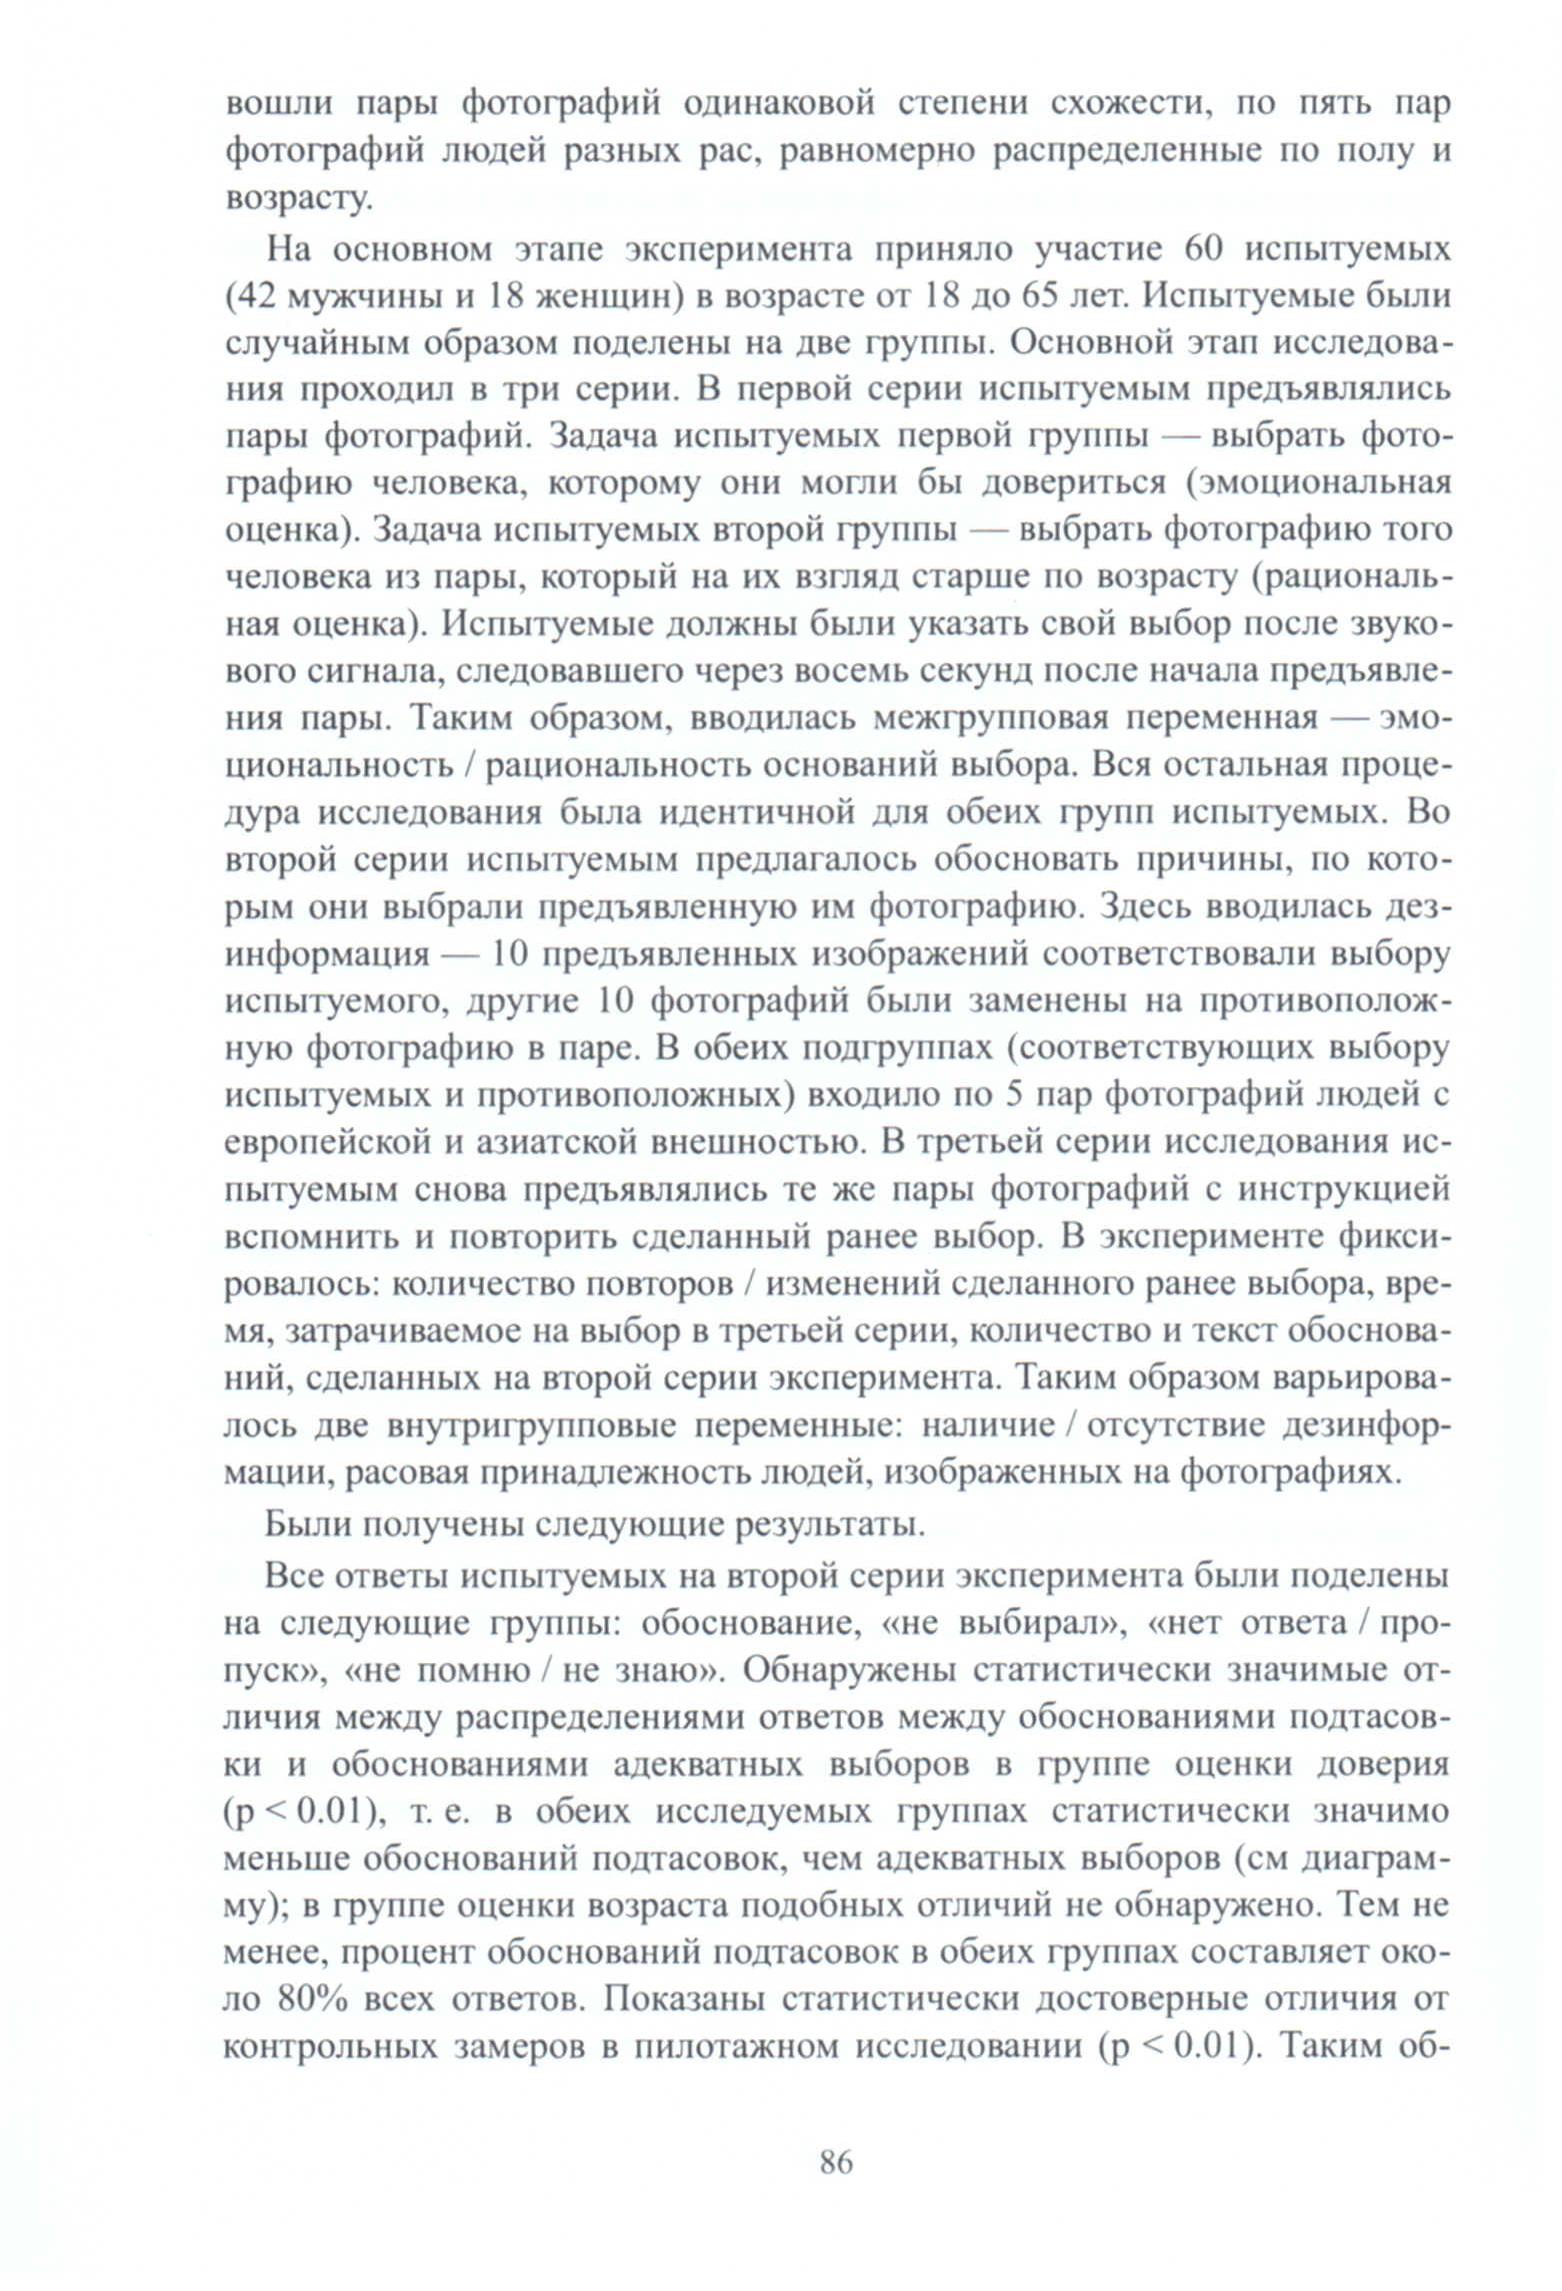 тезисы Гершкович_Савиных (1)-4